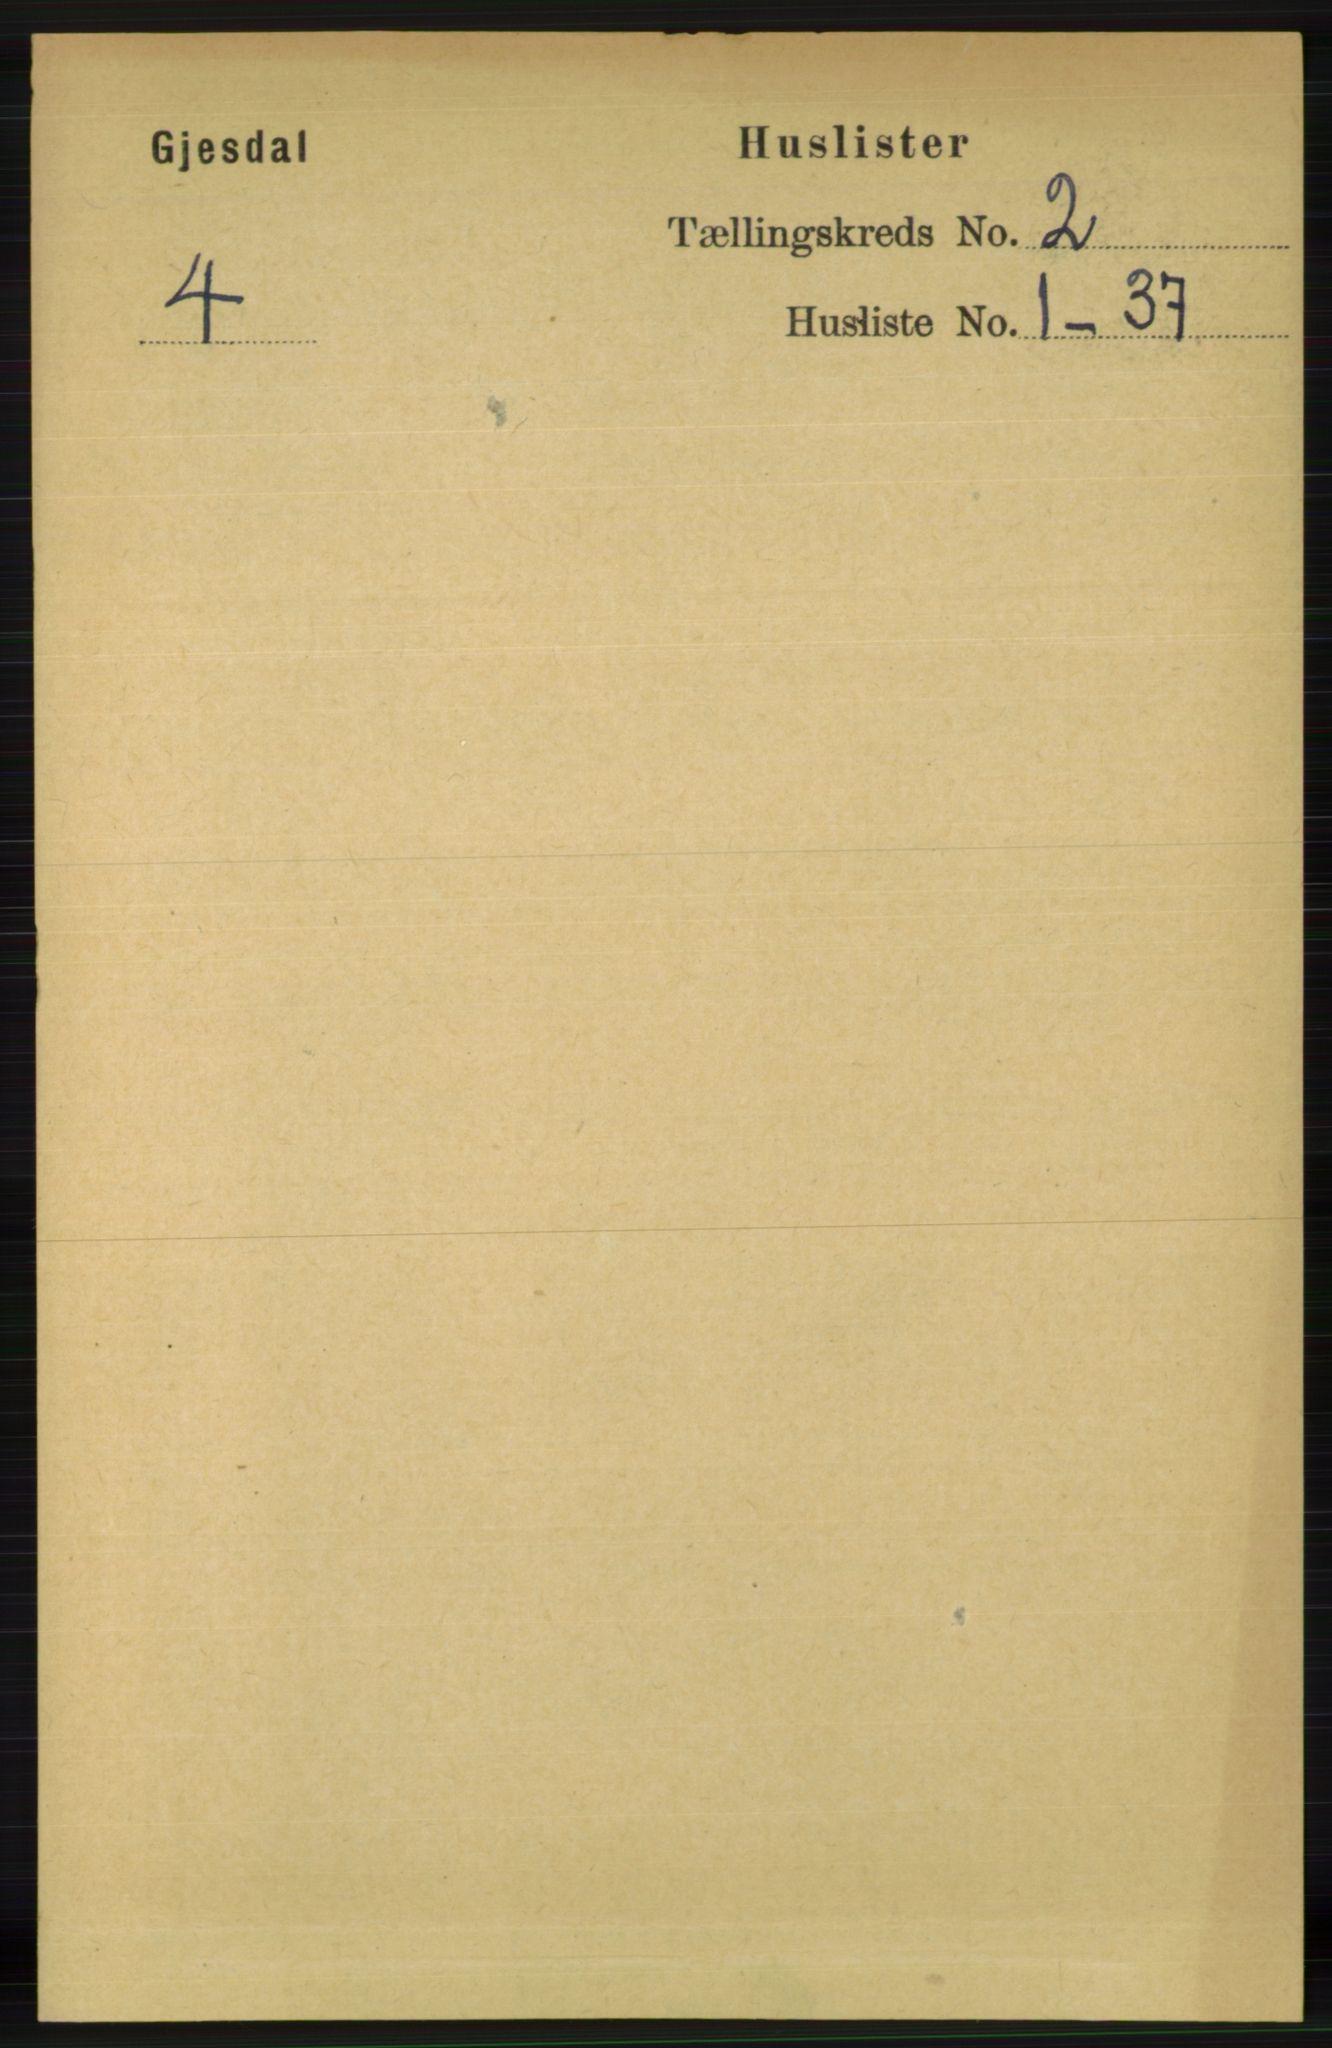 RA, Folketelling 1891 for 1122 Gjesdal herred, 1891, s. 343